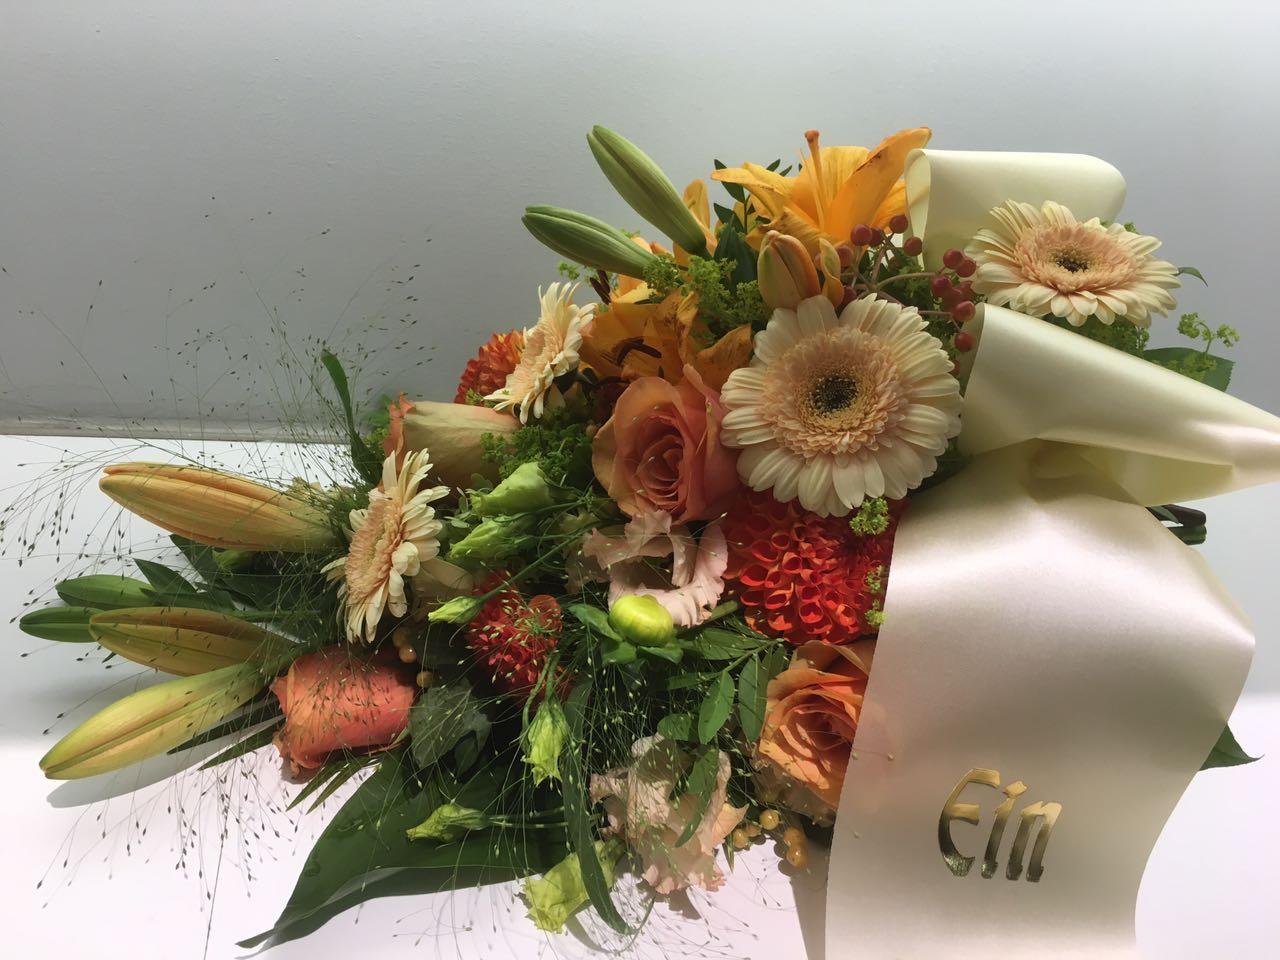 acc910097d37e7 Trauerkränze & Trauergestecke zur Beerdigung online bestellen ab 60 €